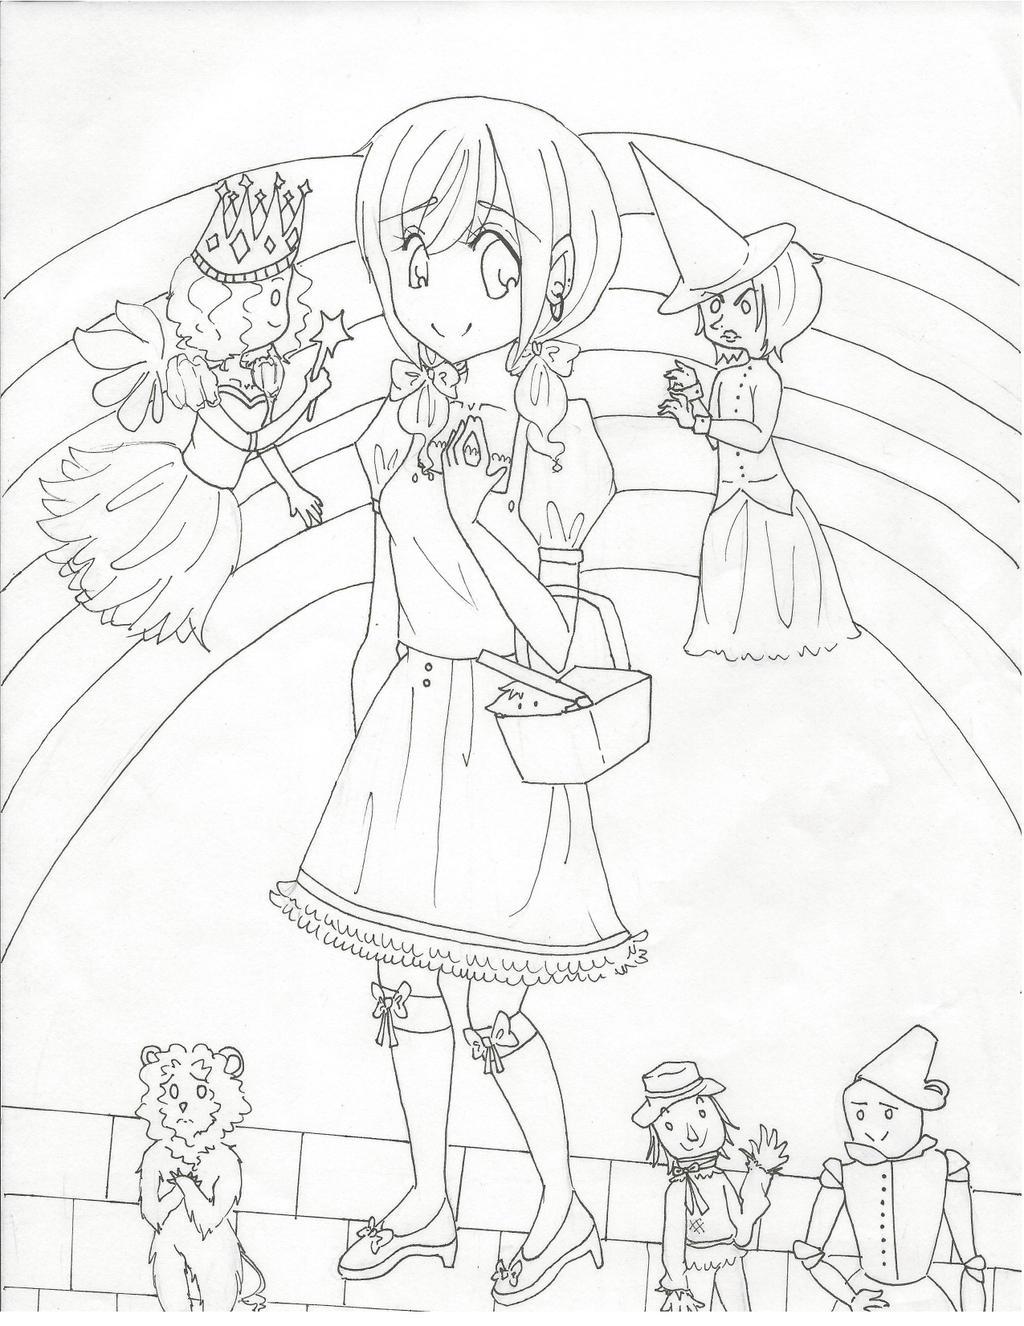 Wizard Of Oz ~ Line Art by animefangurl02